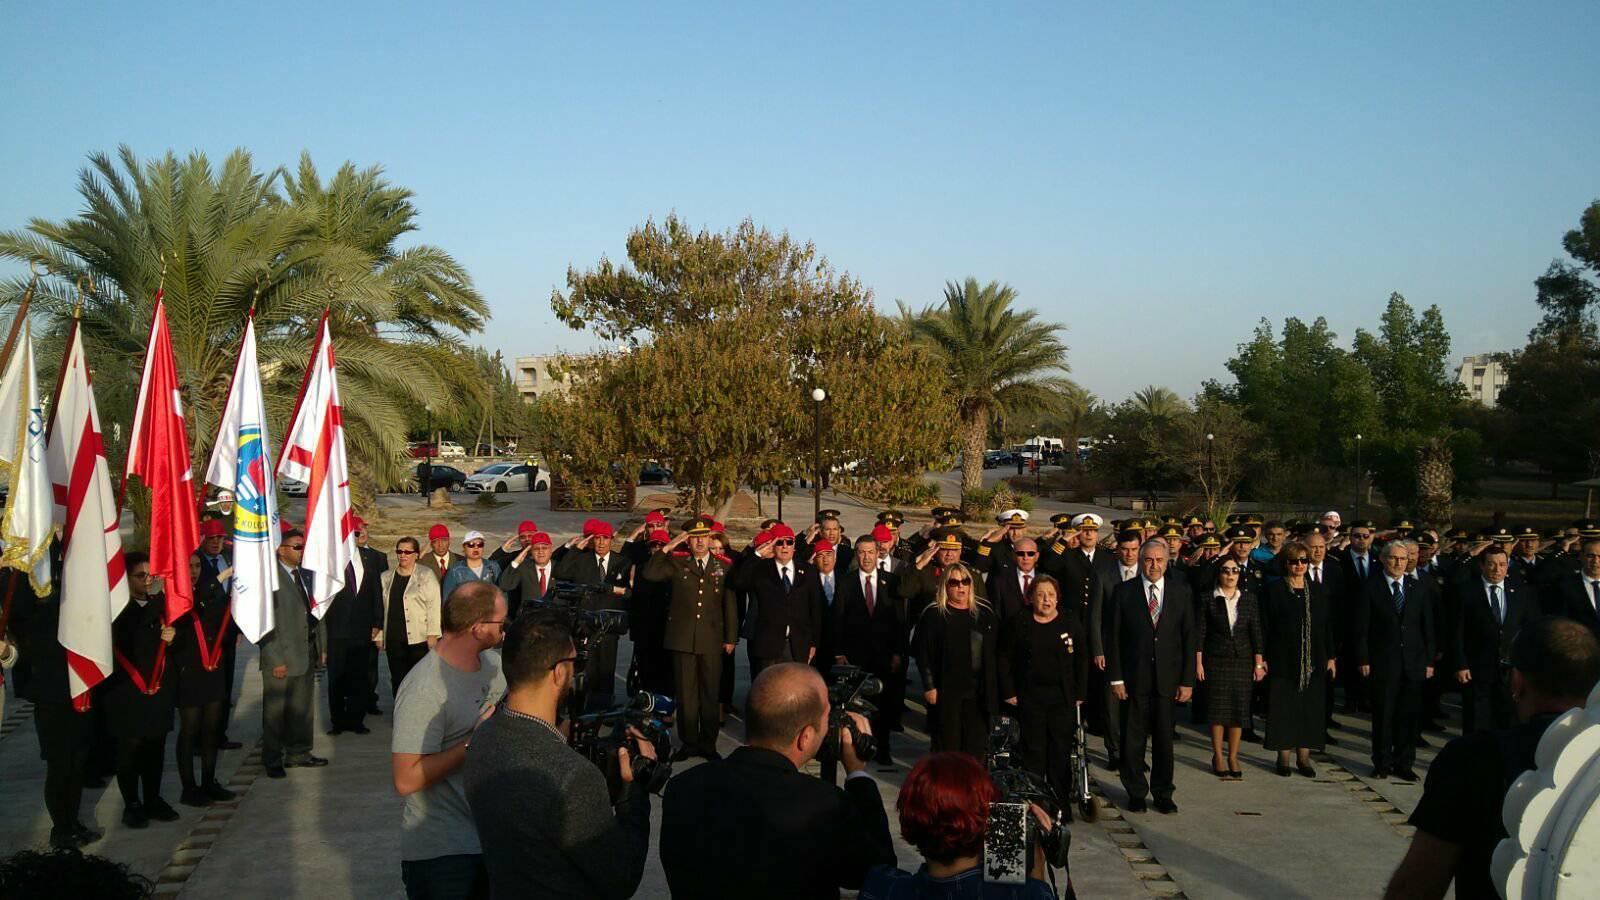 Kuzey Kıbrıs Türk Cumhuriyeti (KKTC )'nin 34. Kuruluş Yıl Dönümü